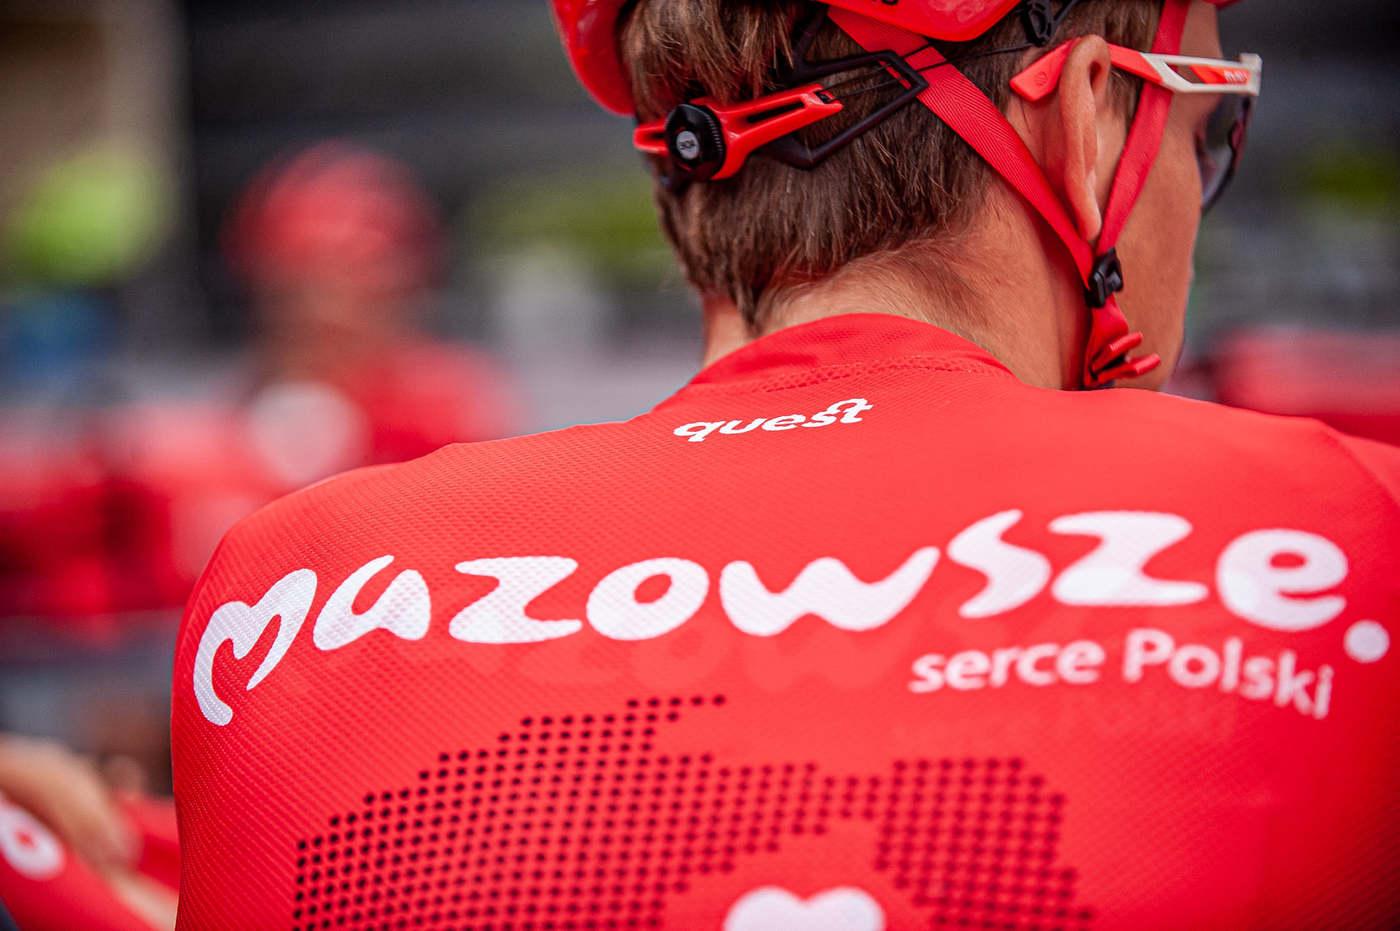 Mazowsze Serce Polski Team najlepszą drużyną kontynentalną w Europie